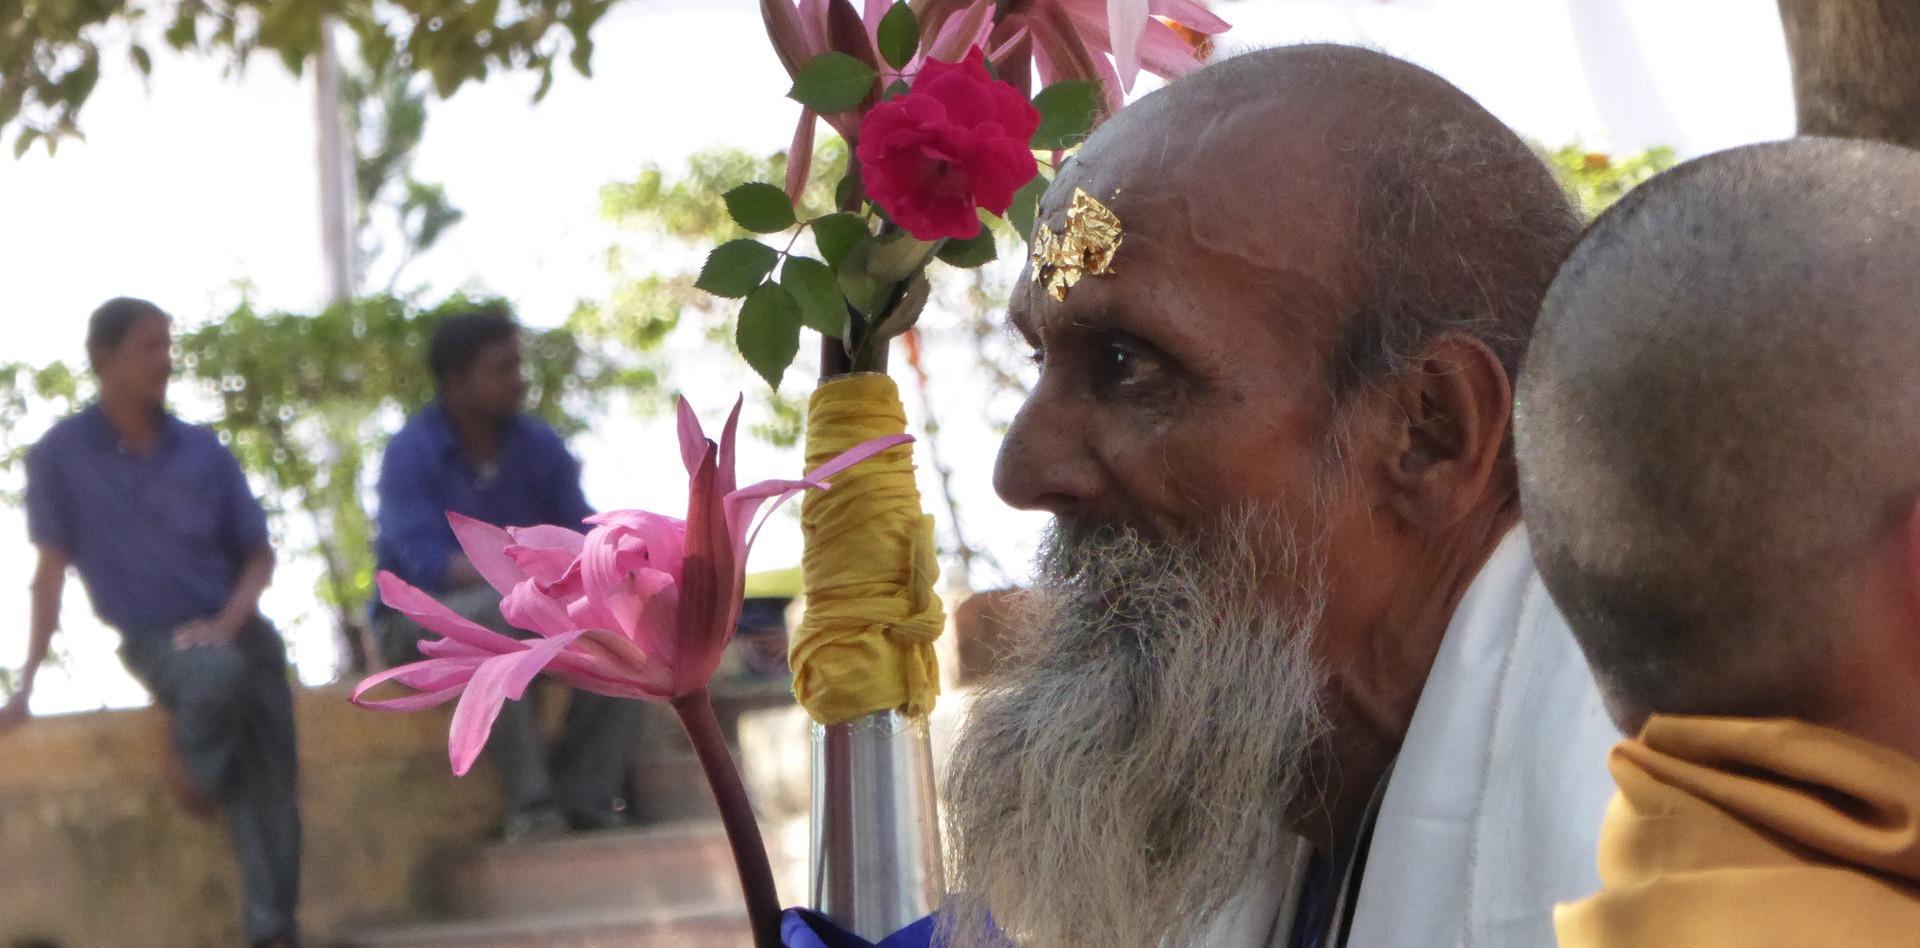 A devotee in Bodhgaya